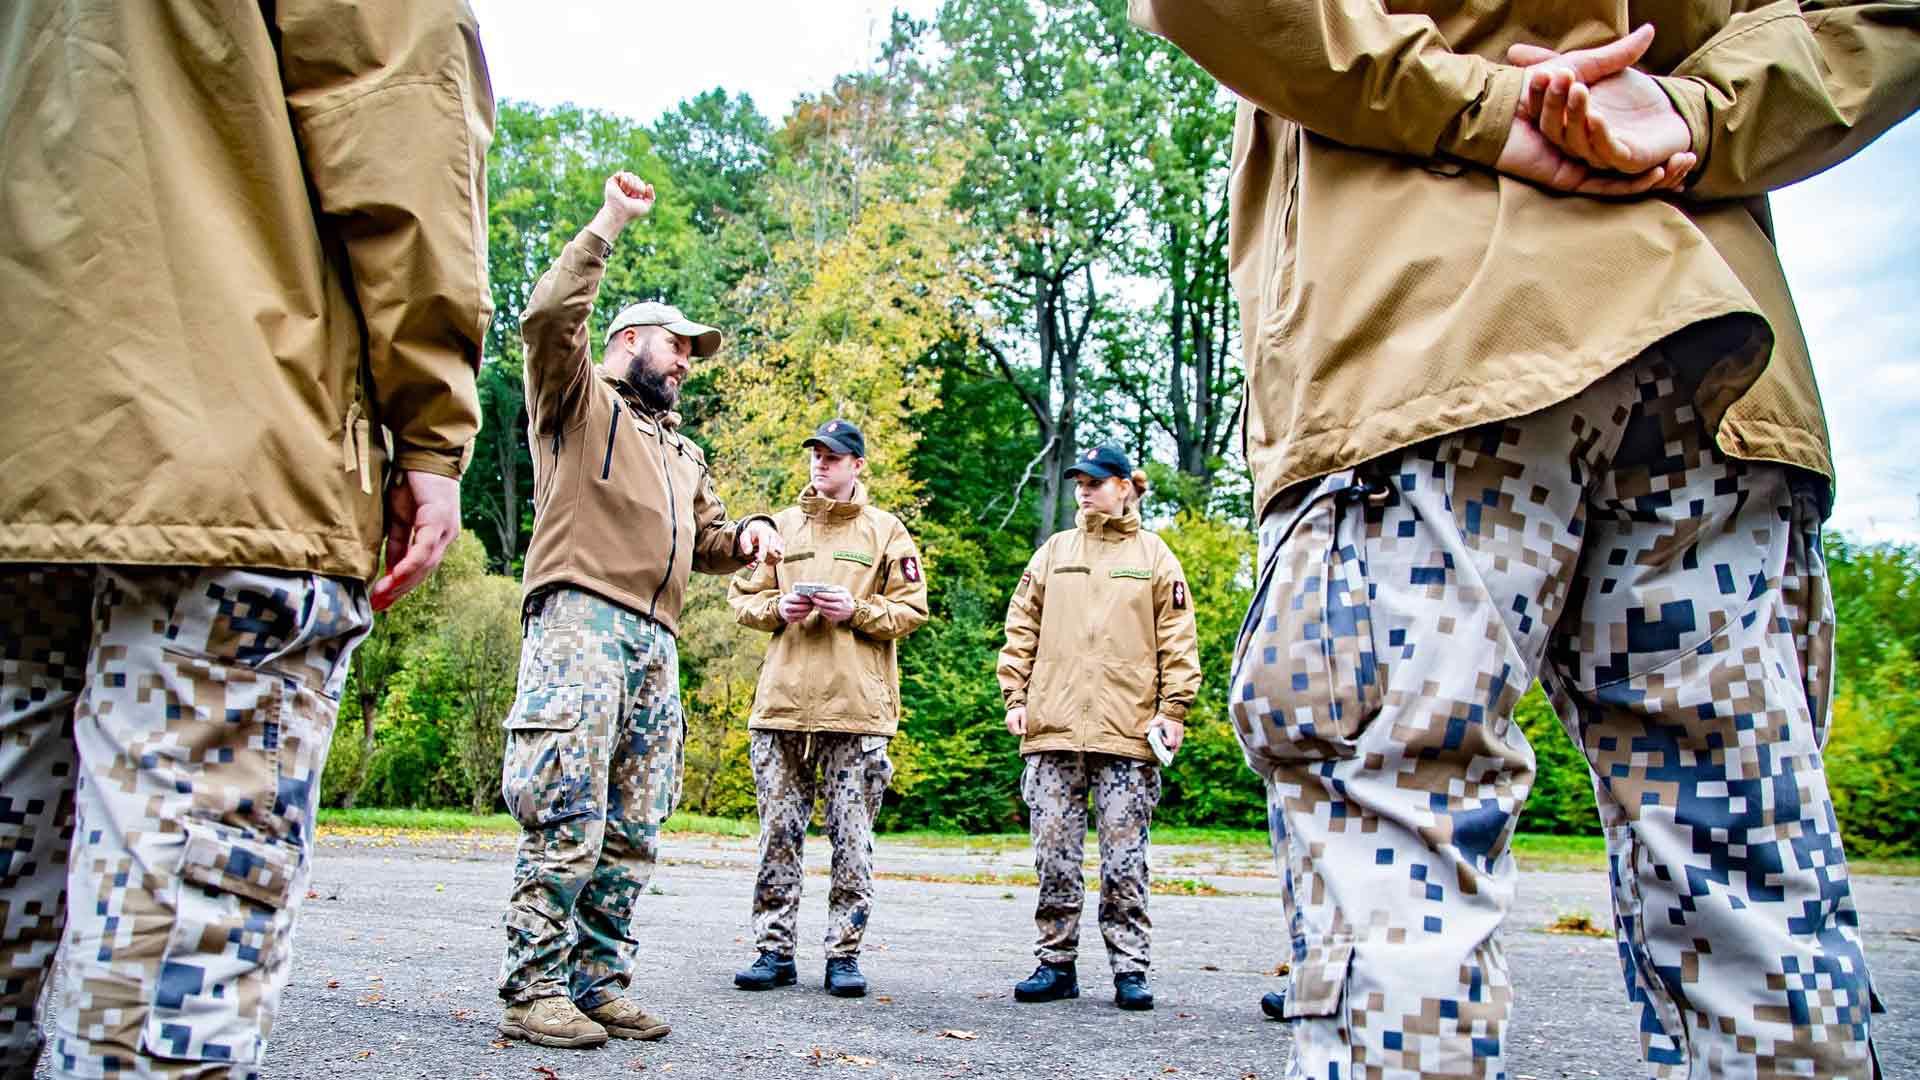 Kurssilaiset joutuvat oppimaan muun muassa länsimaisten sotilasstandardien mukaisia taktisia käsimerkkejä.